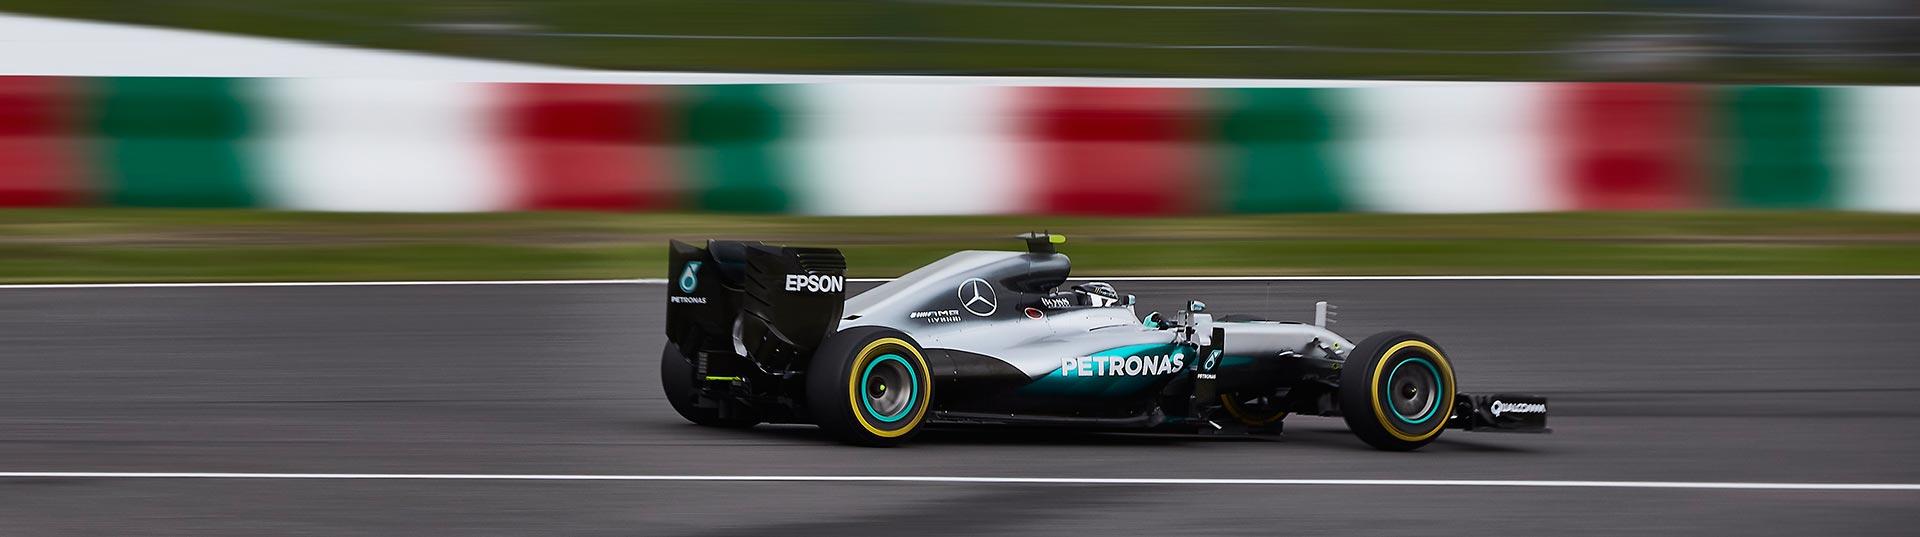 Rosberg vence no Japão